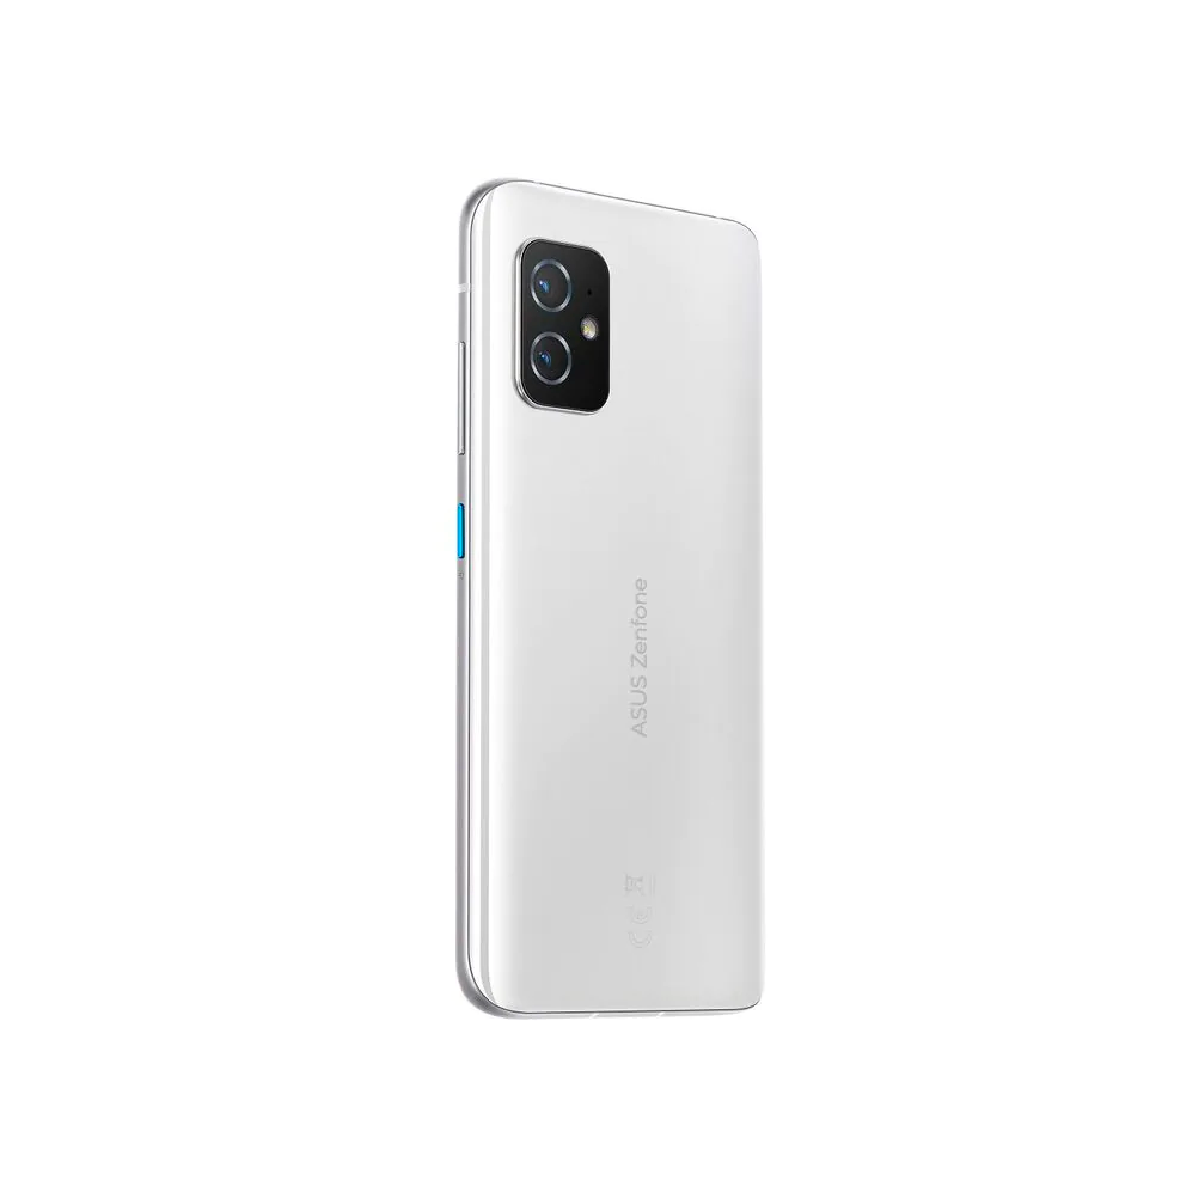 Zenfone 8 (8G/256G)